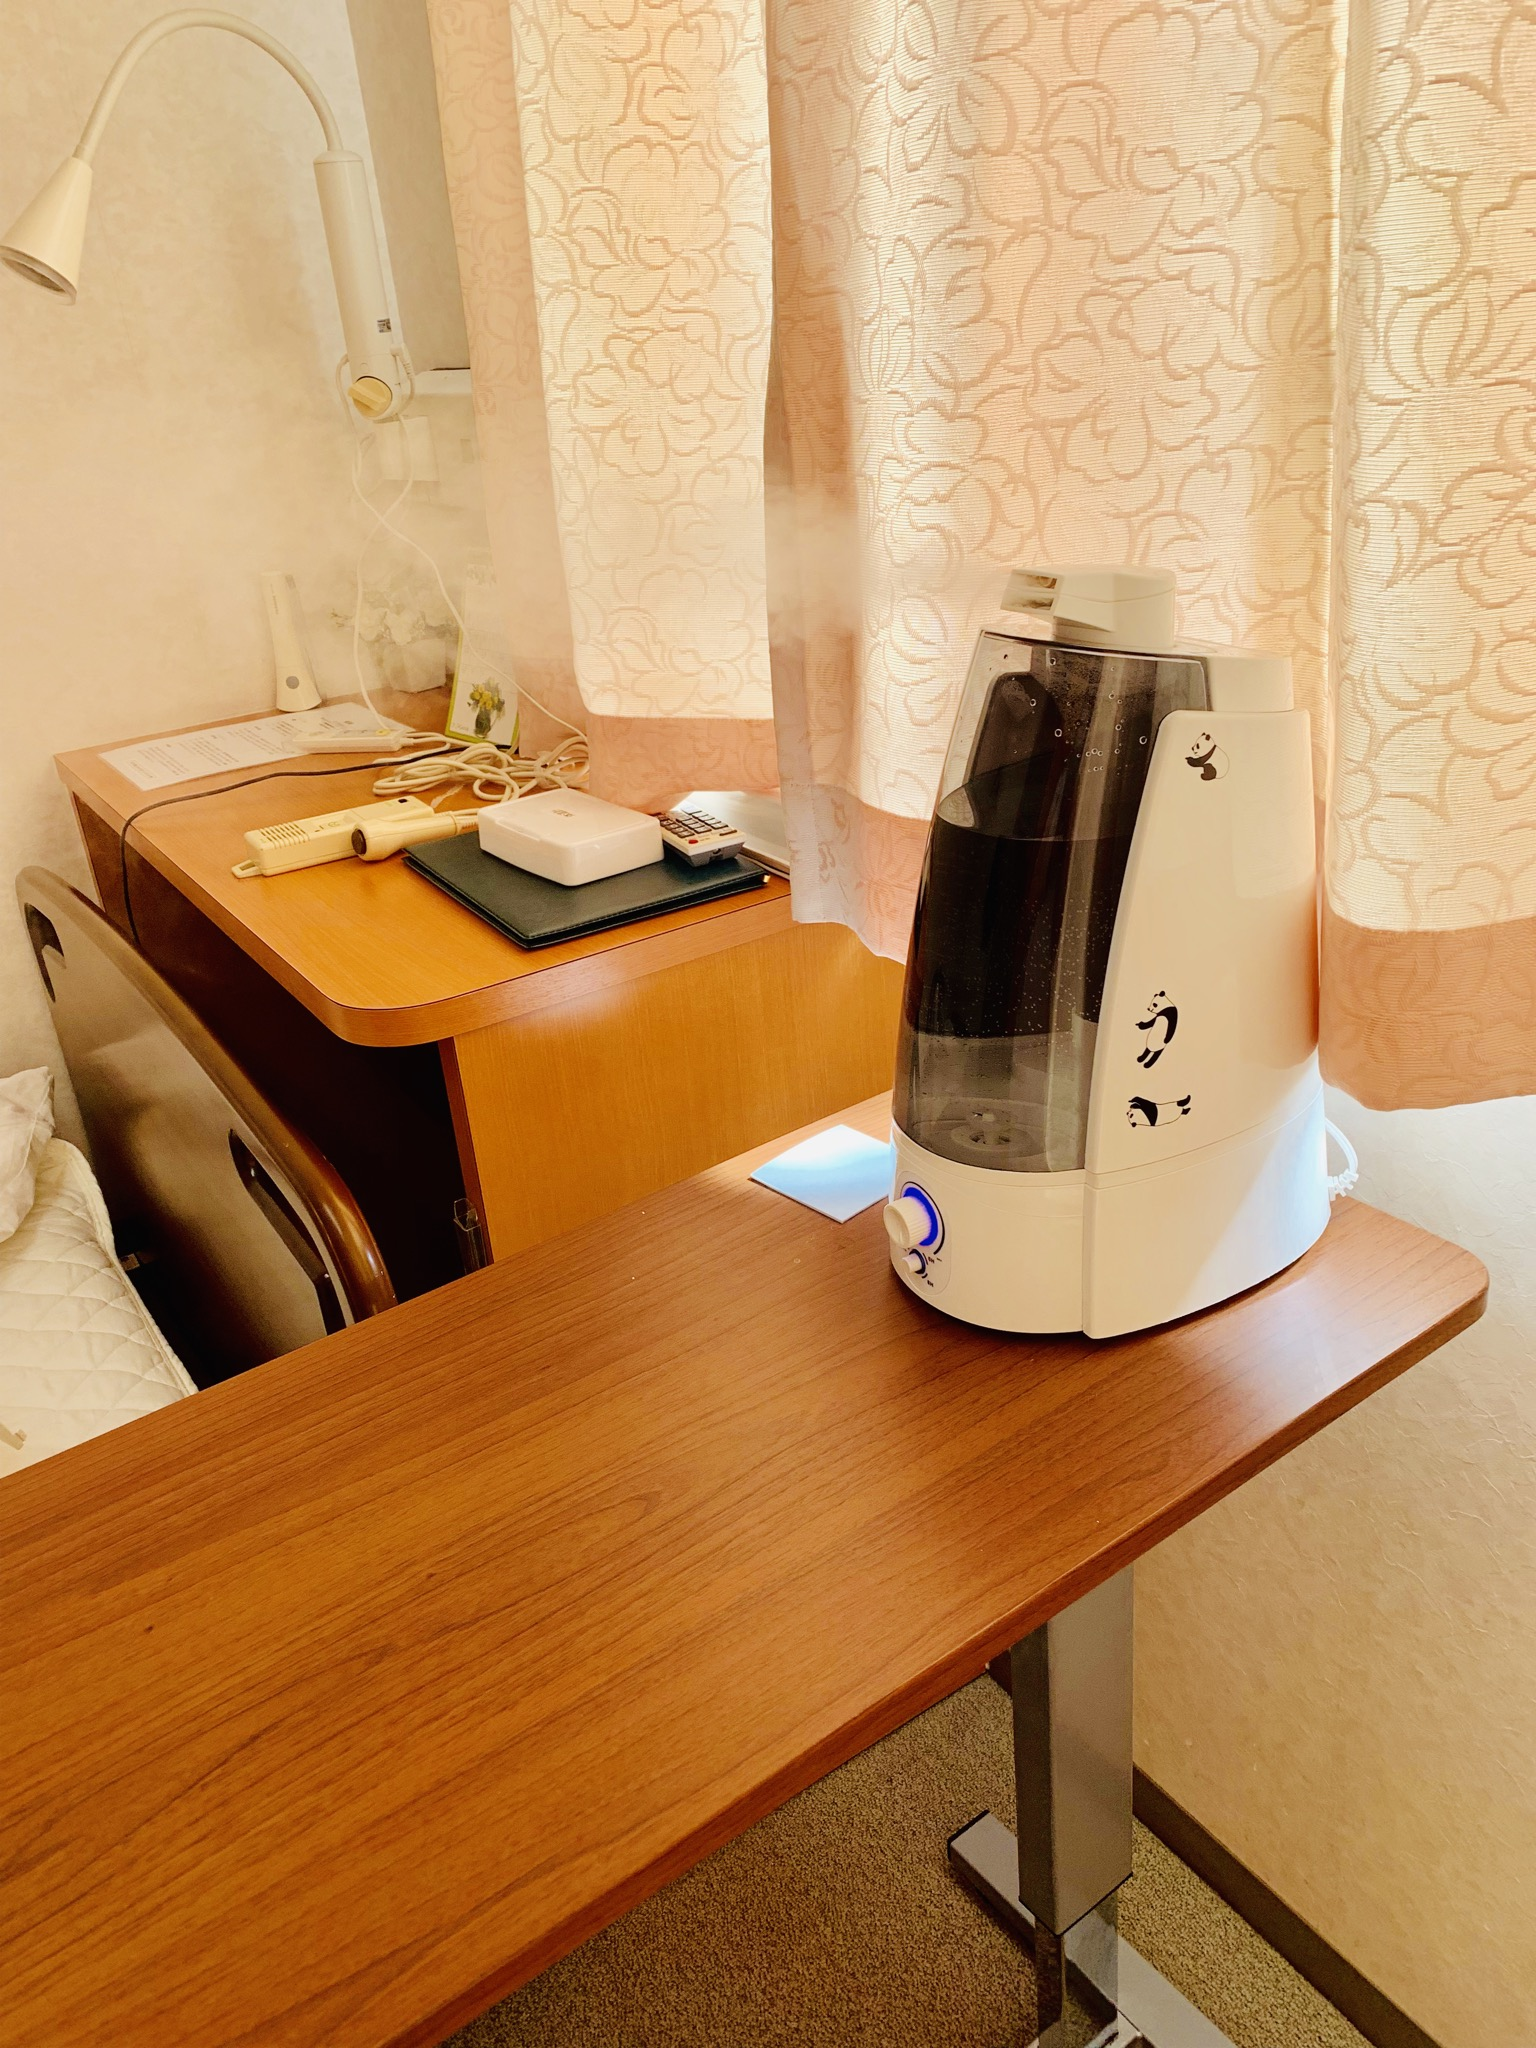 4階では患者様の退院時には次亜塩素酸で噴霧器で空間除菌をいたしております。